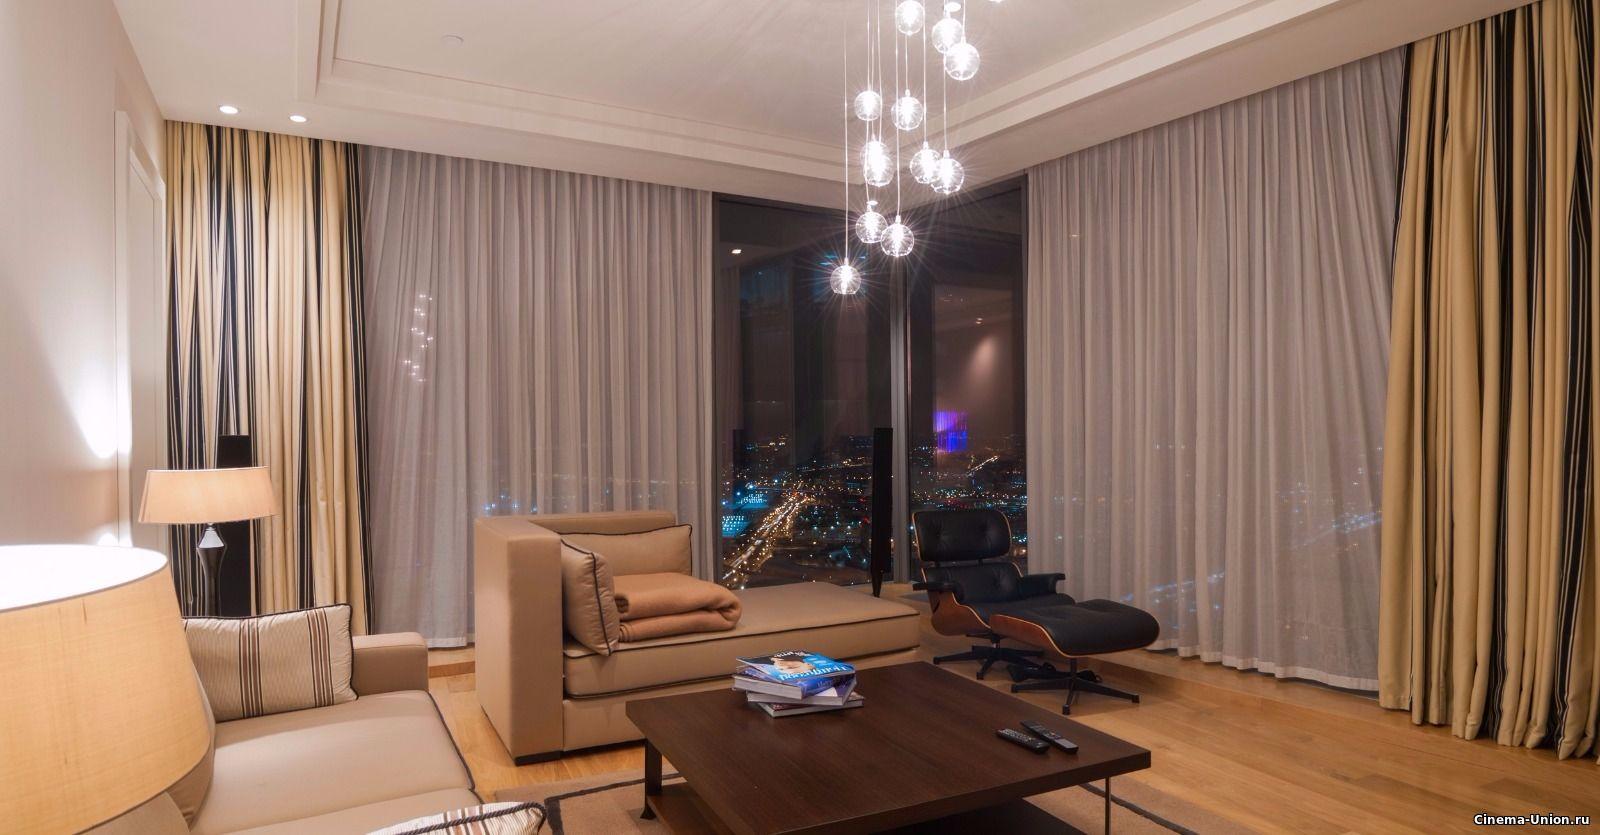 Апартаменты Москва-Сити для съемок кино в Москве и др объекты для киносъемок на Локейшн.рф